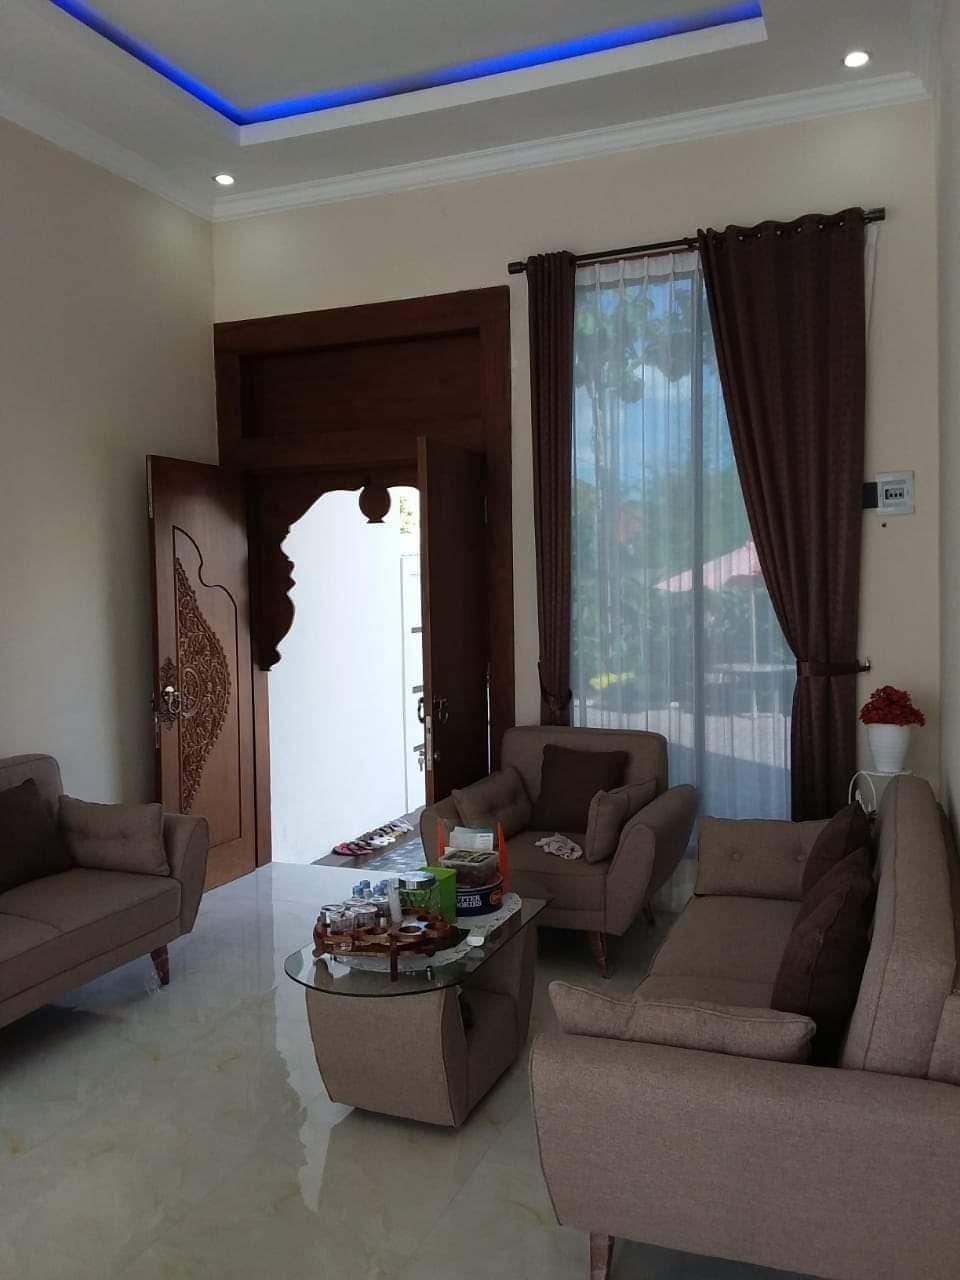 Beli Rumah Resort Type 82 di Jogja Gratis Beli Rumah Type 36 5